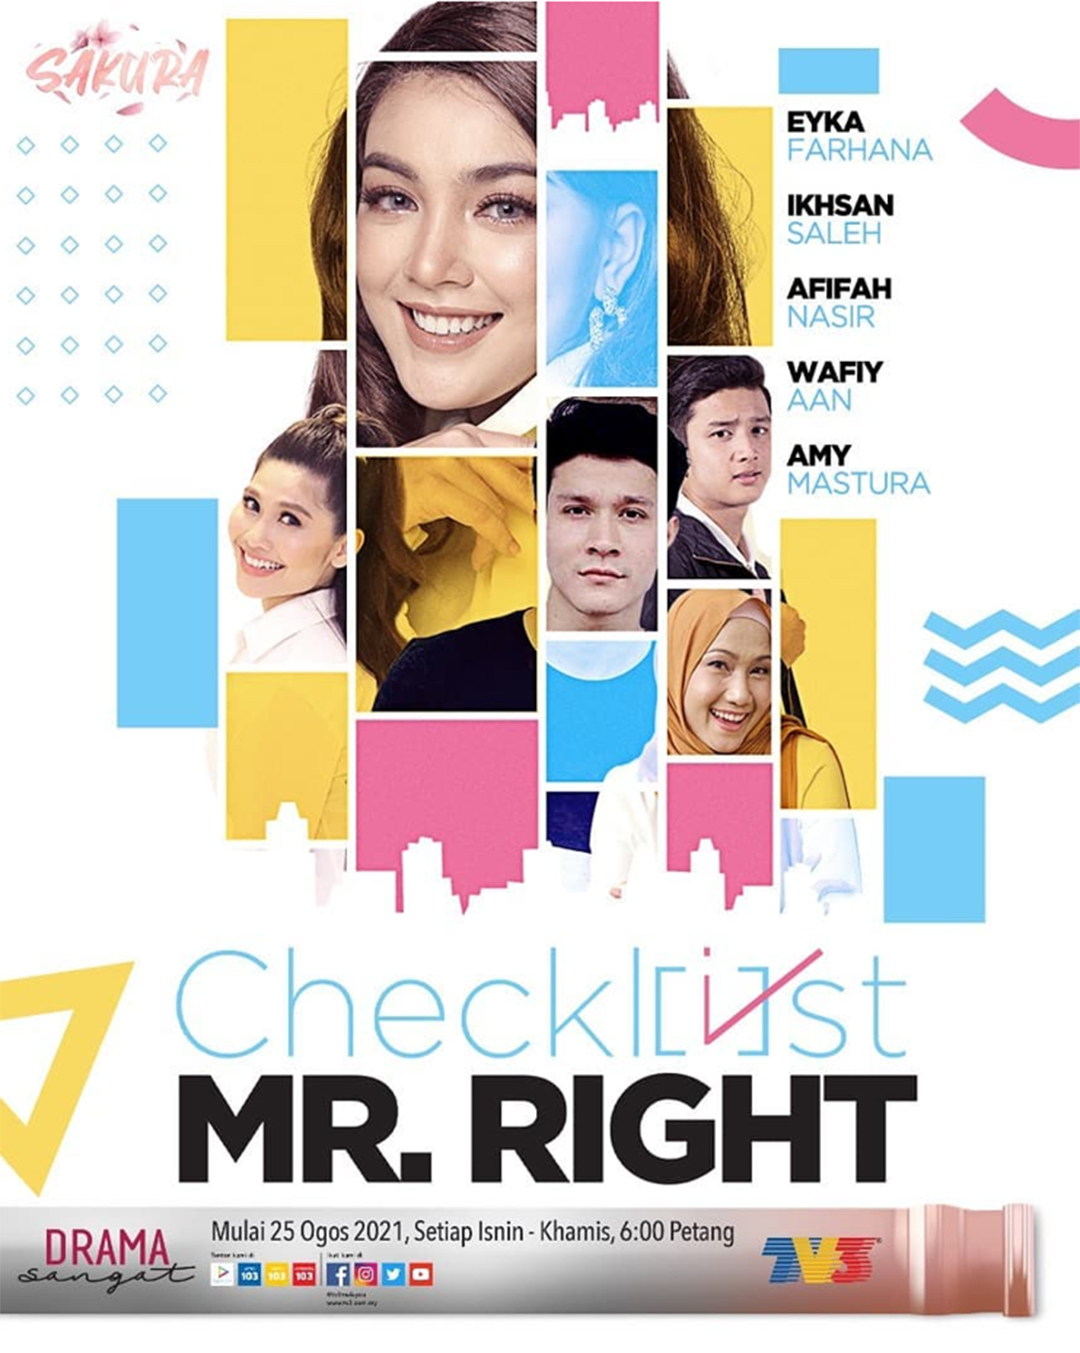 Drama Checklist Mr Right